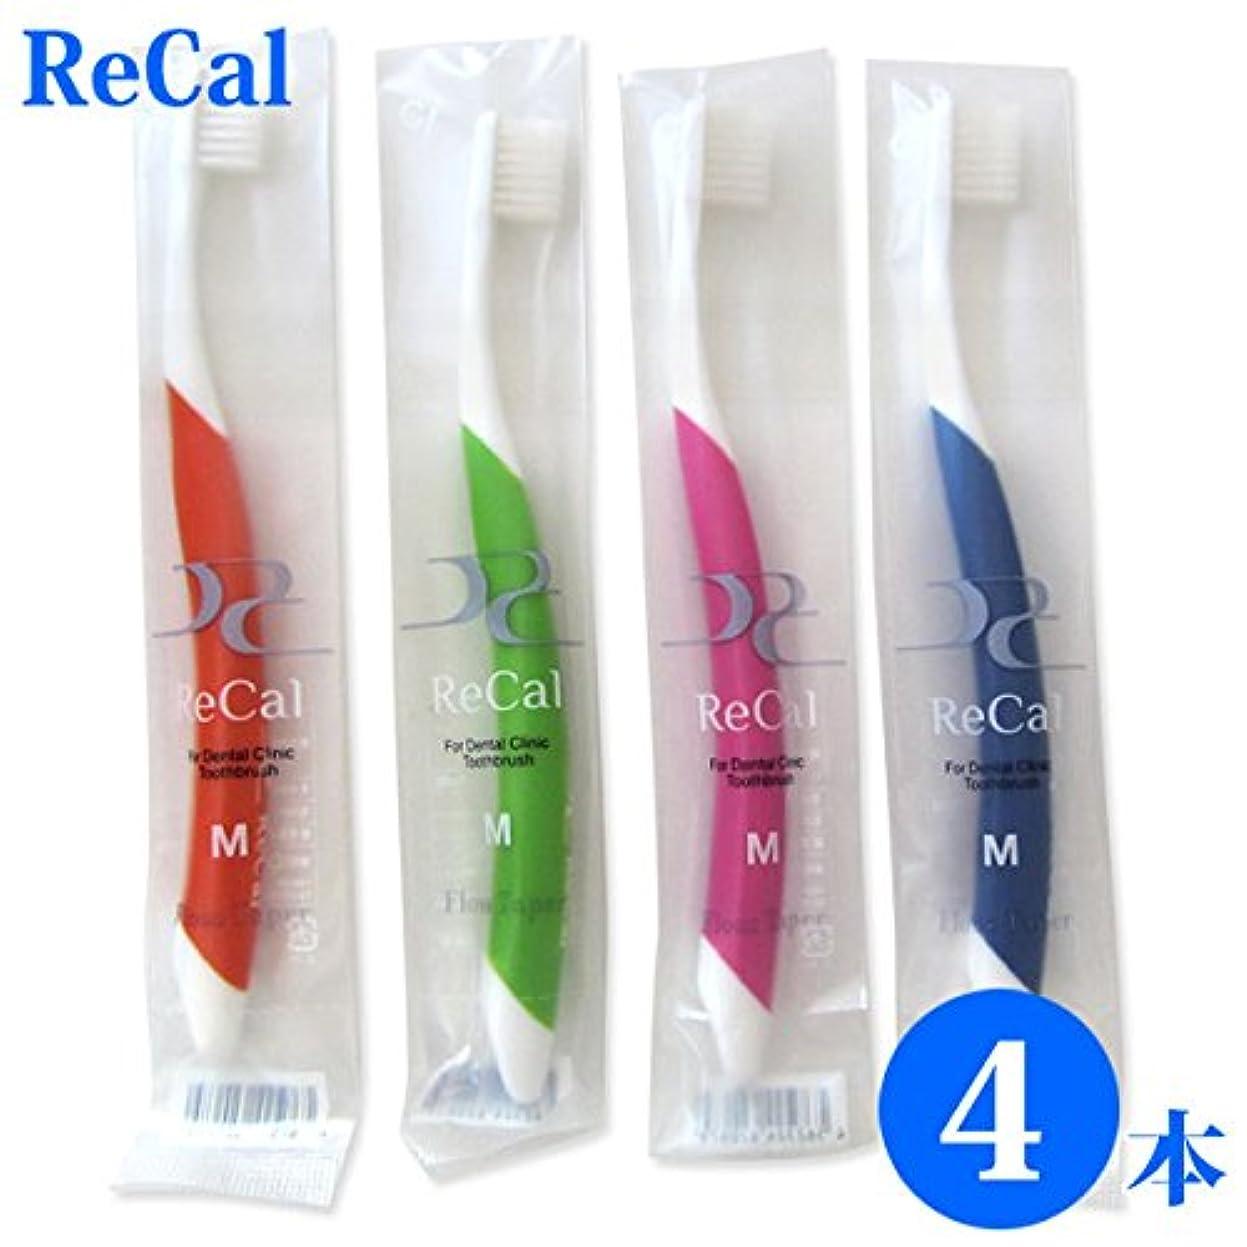 杖り品リカル 4色セット 歯科医院専用商品 ReCal リカル M 大人用 一般 歯ブラシ4本 場合20本ま